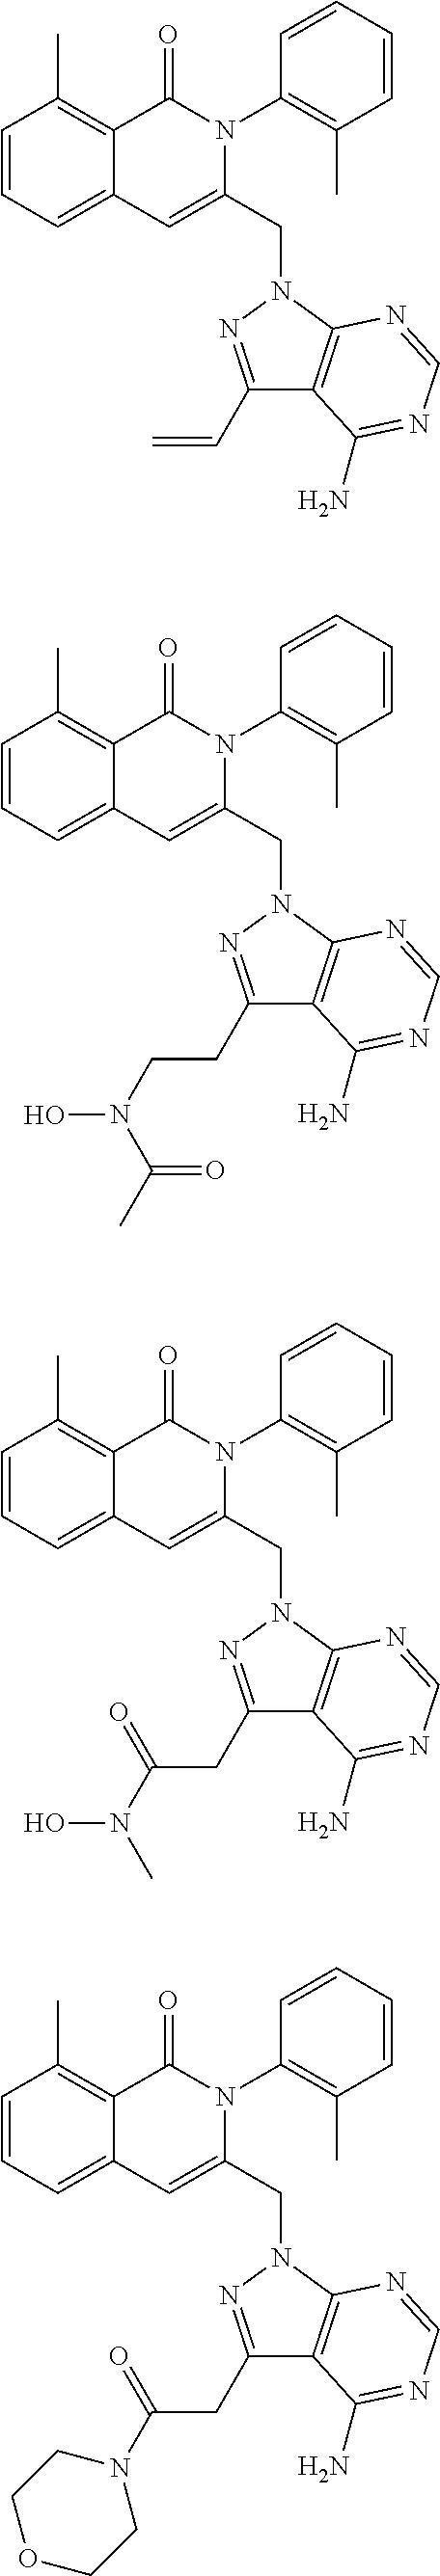 Figure US20110046165A1-20110224-C00333